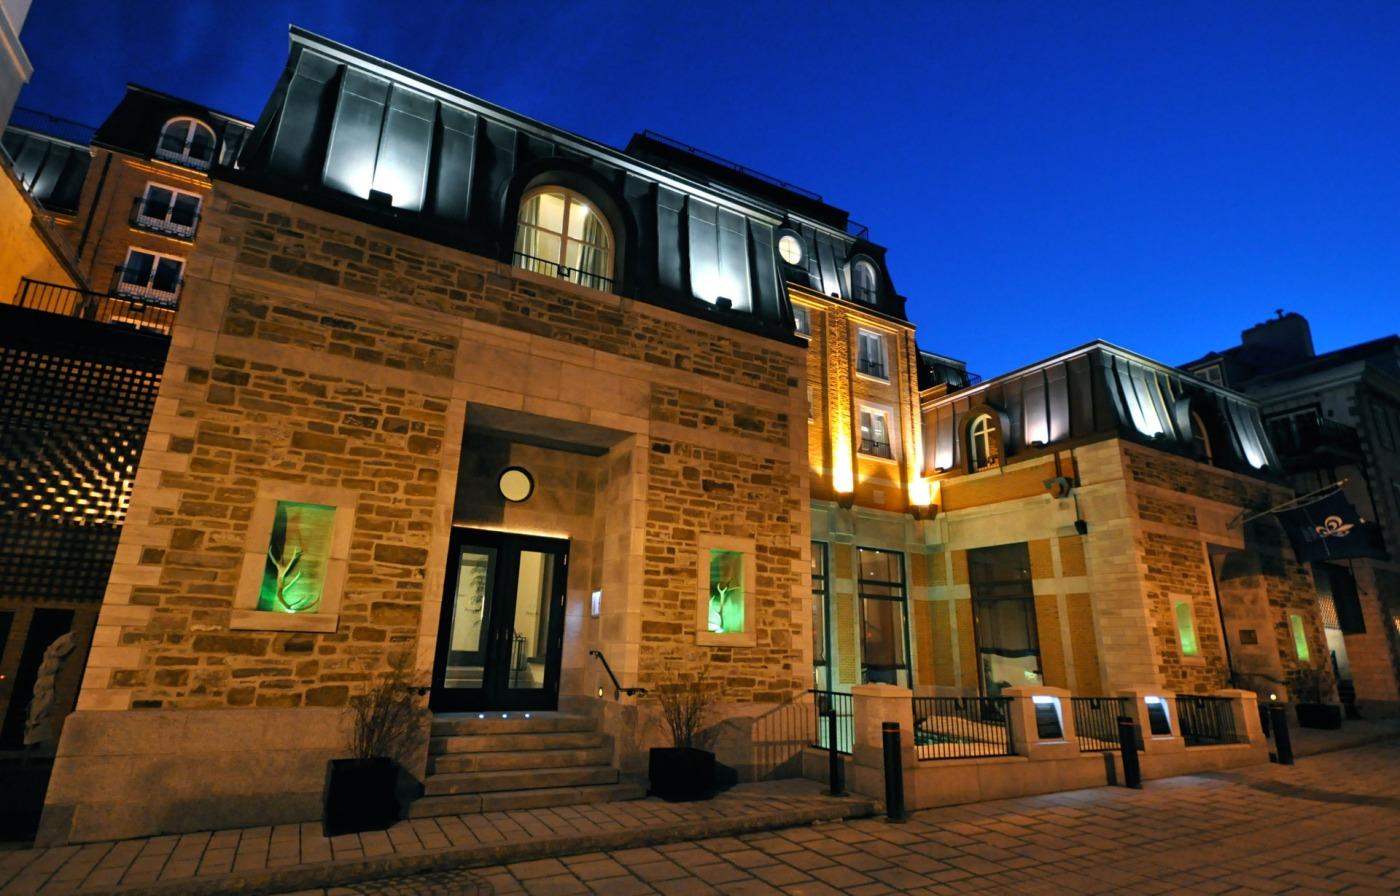 Hotel boutique Auberge Saint-Antoine, Ciudad de Quebec, Canadá. Foto: Cortesía del hotel.